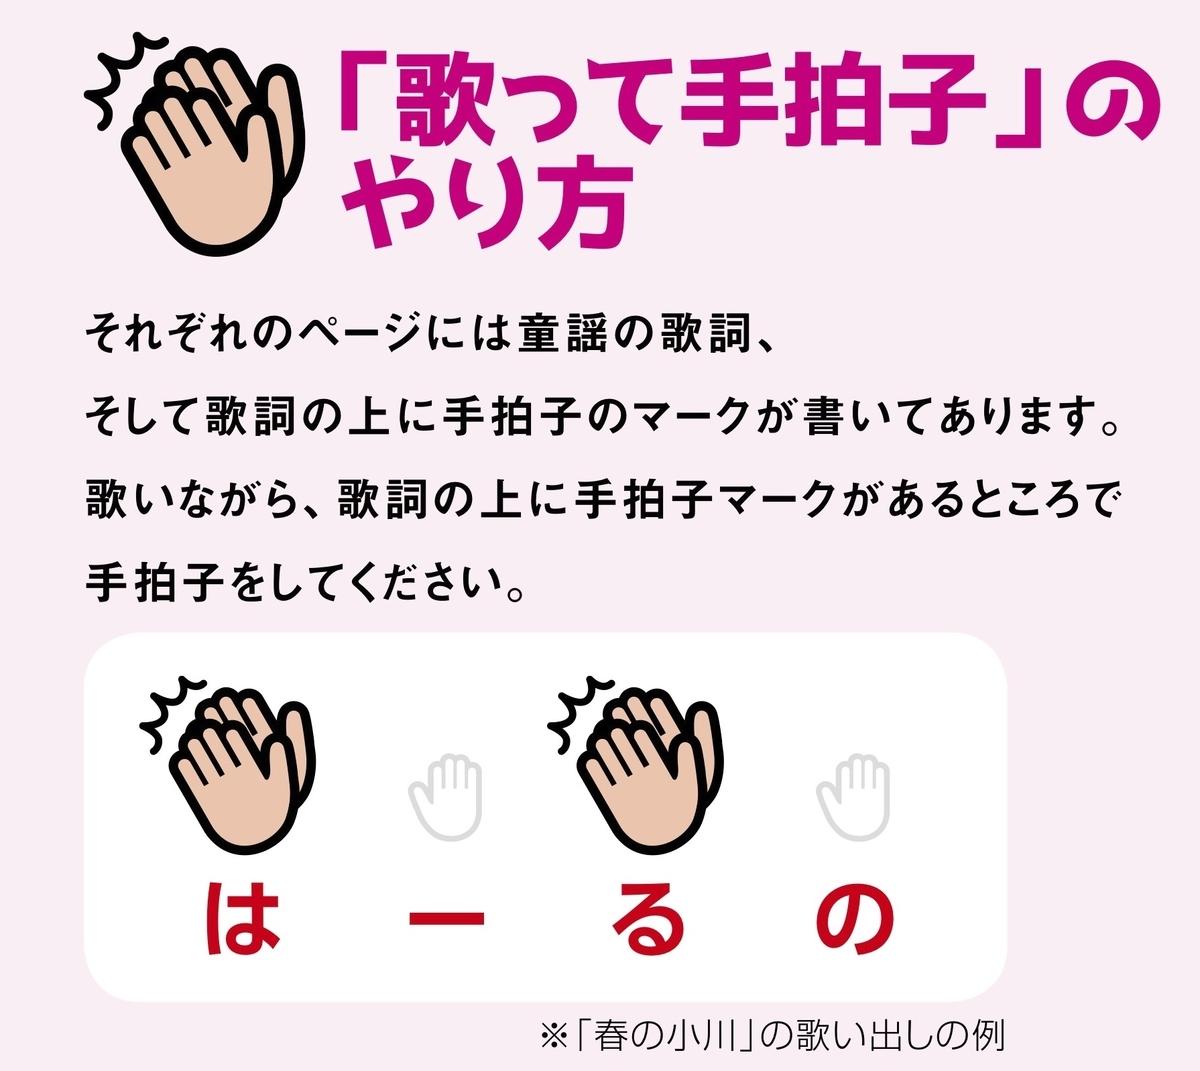 f:id:mojiru:20200407090209j:plain